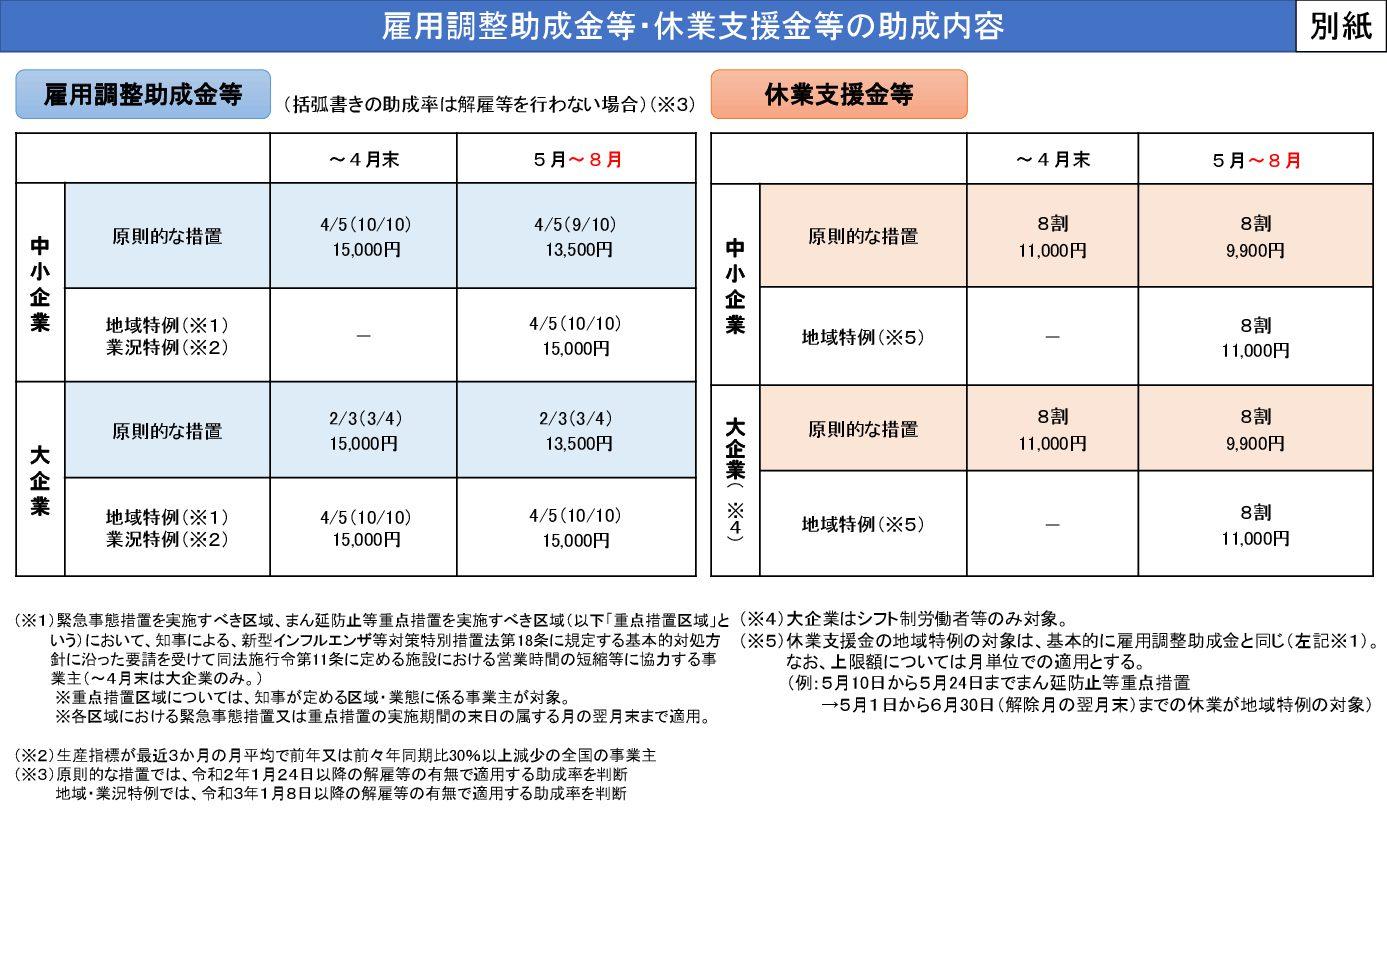 千葉県より 8月以降の雇用調整助成金の特例措置等